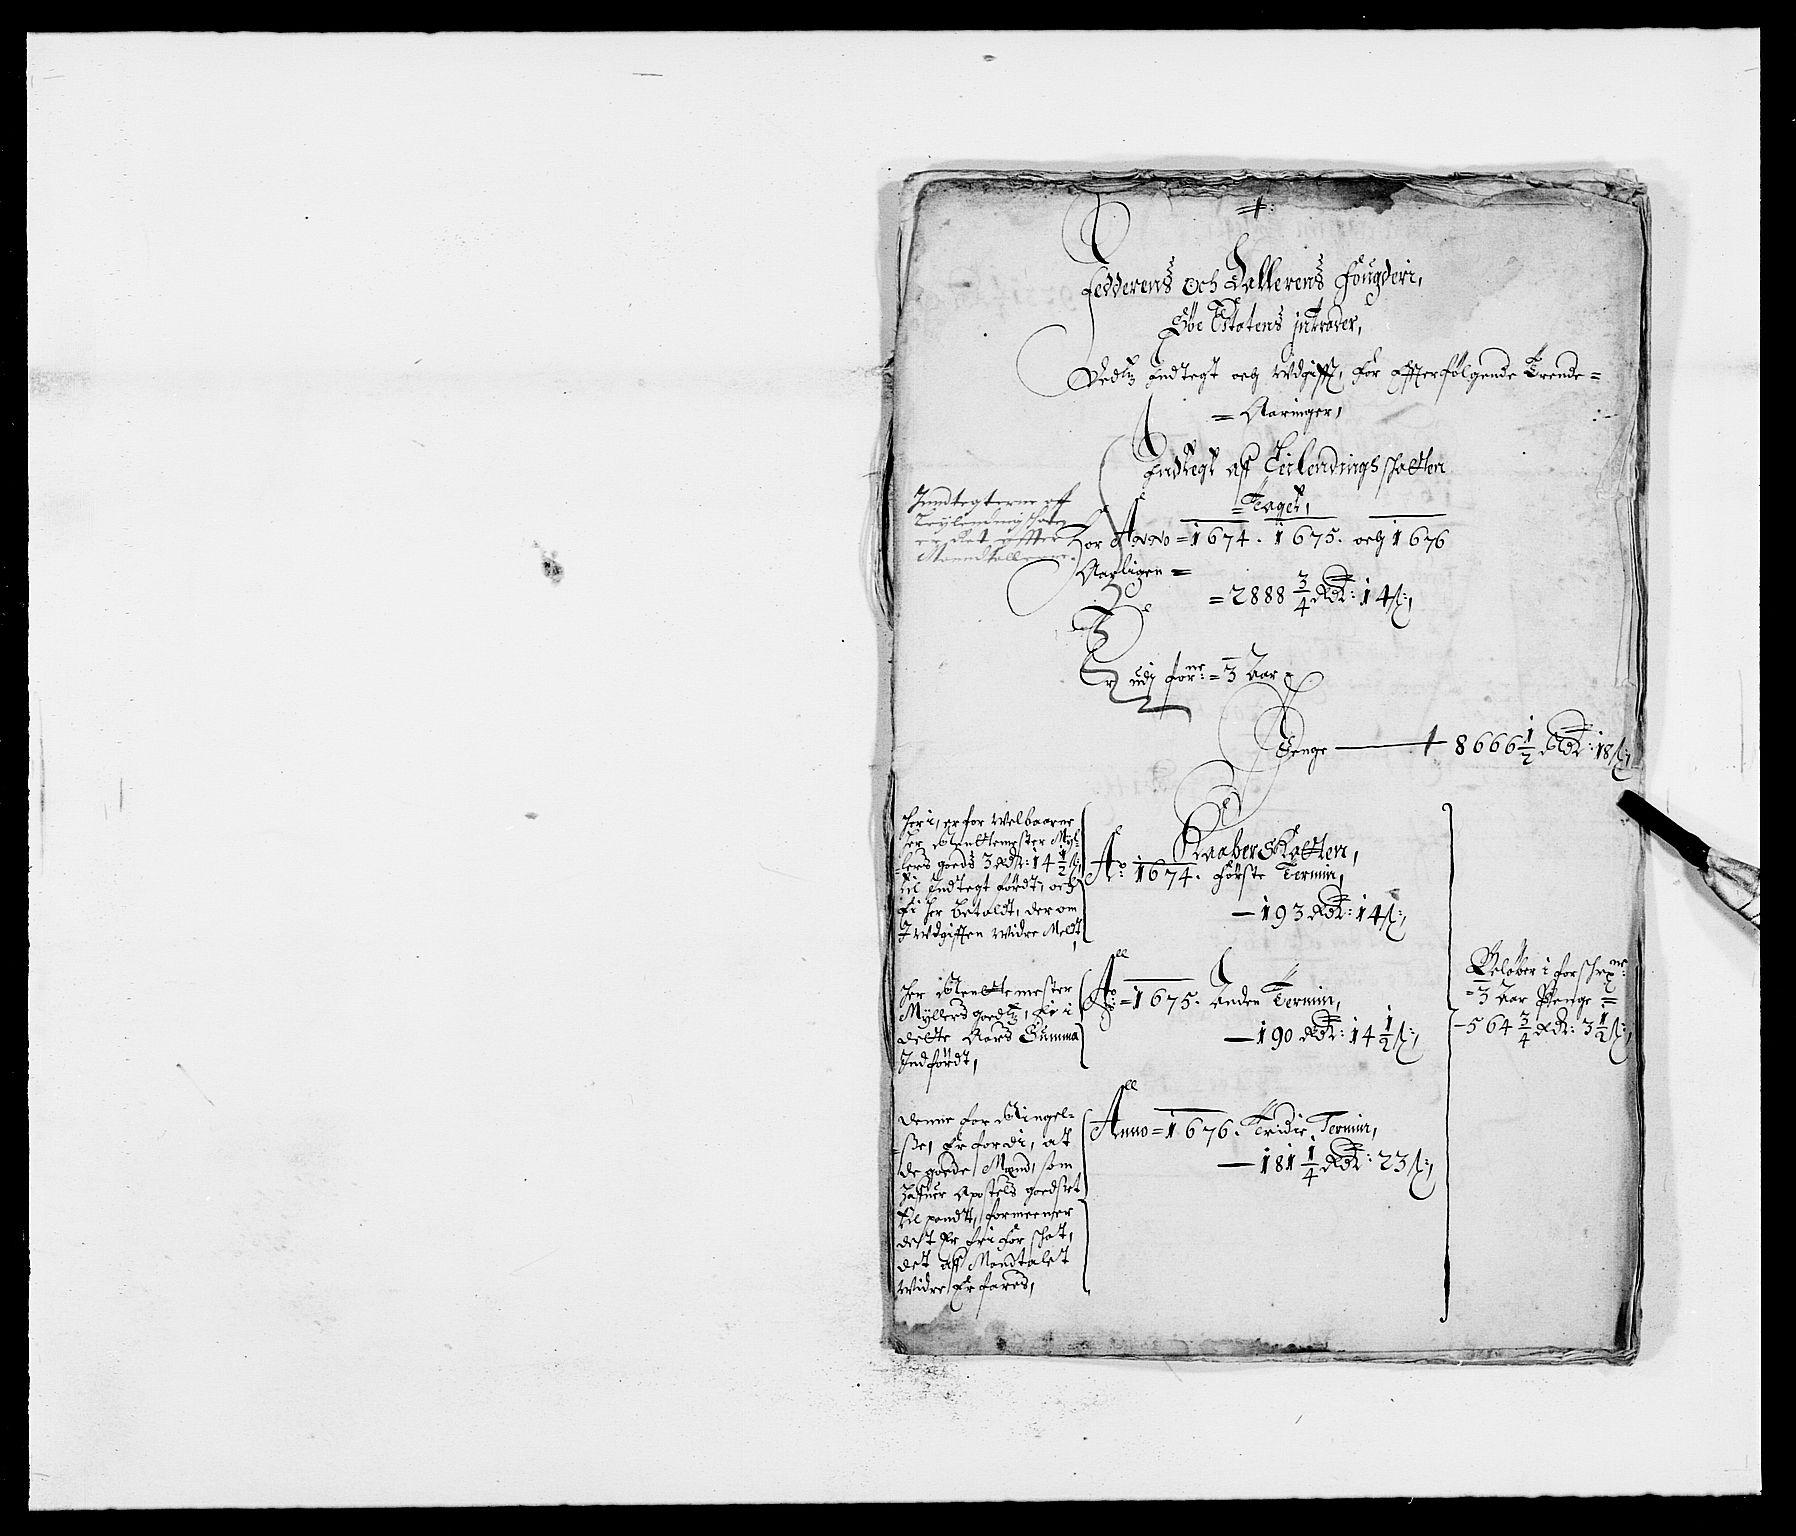 RA, Rentekammeret inntil 1814, Reviderte regnskaper, Fogderegnskap, R46/L2716: Fogderegnskap Jæren og Dalane, 1676, s. 371